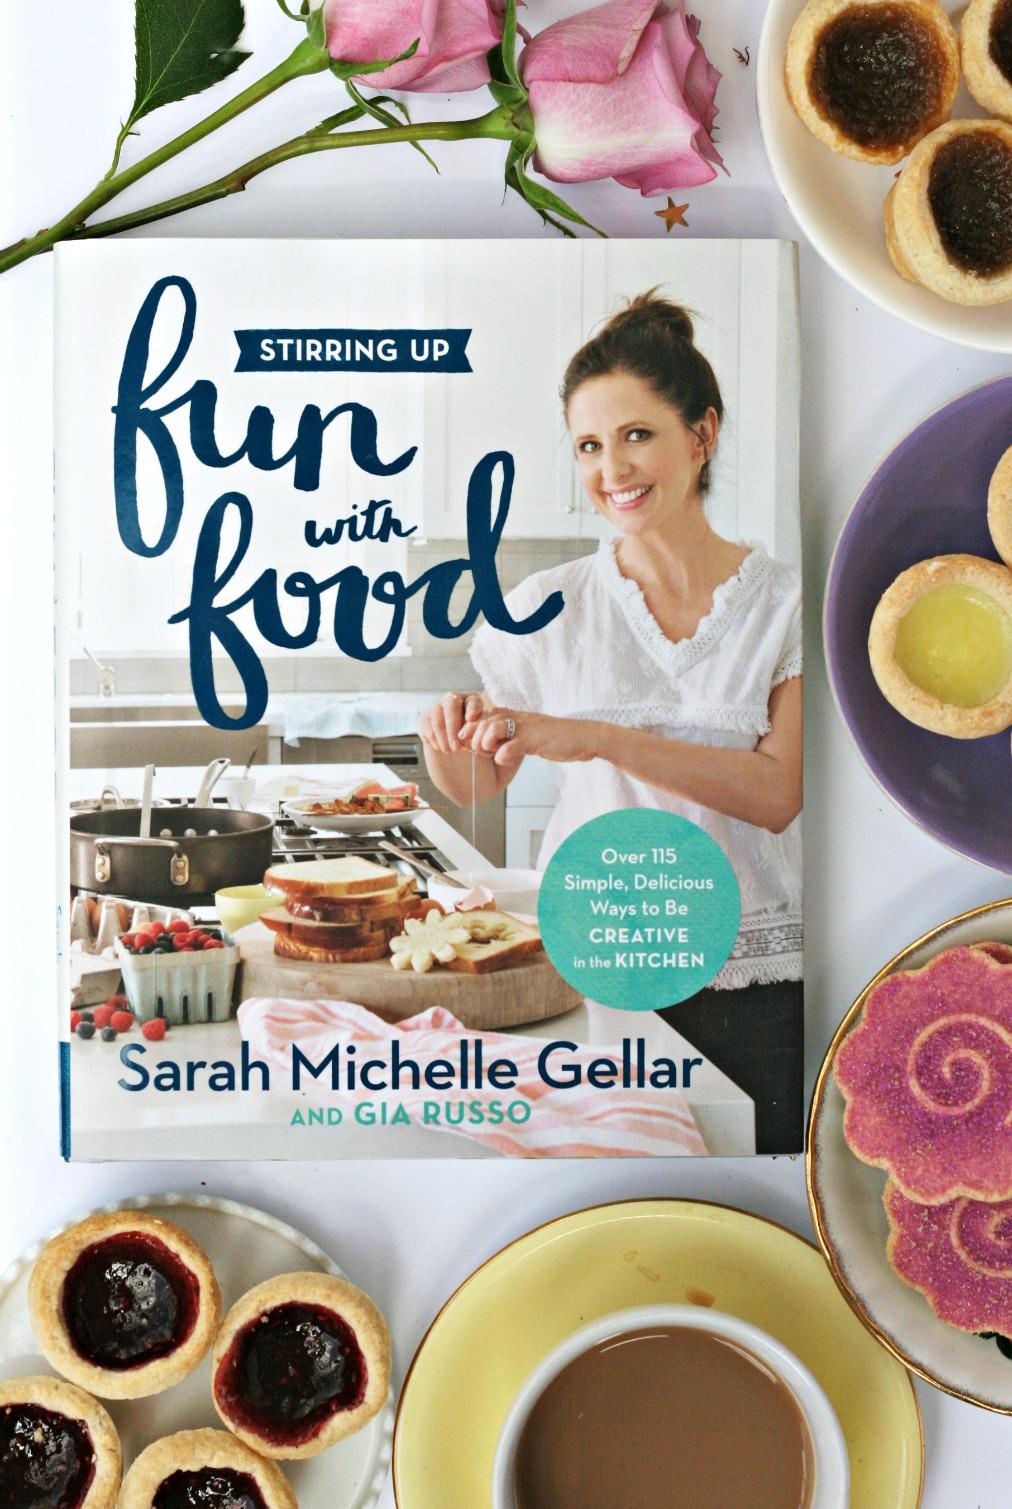 Stirring Up Fun with Food by Sarah Michelle Gellar HBG Canada